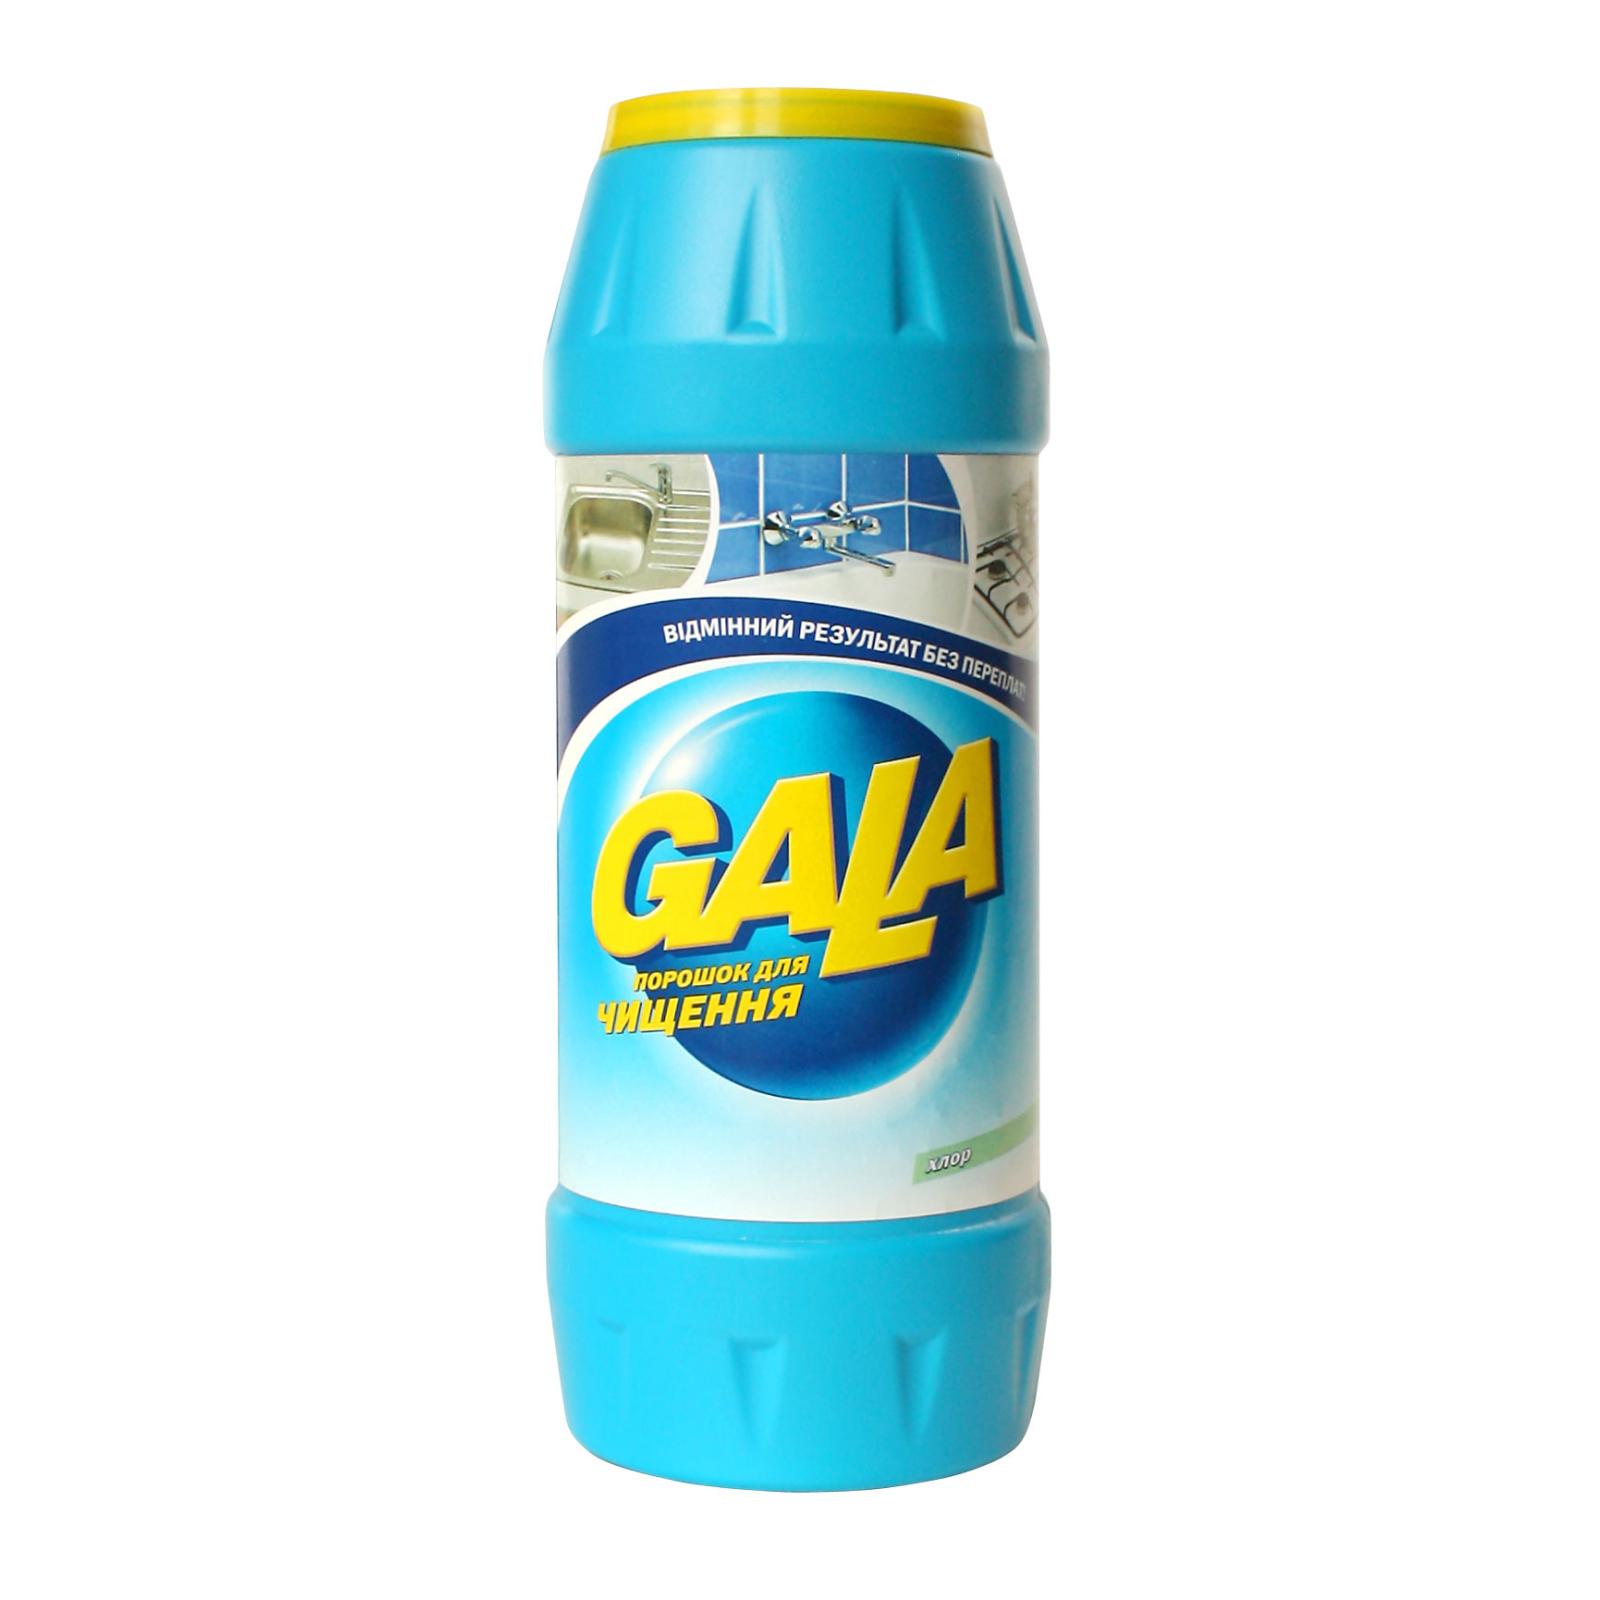 Порошок для чистки Gala Хлор 500 г (5413149500419)